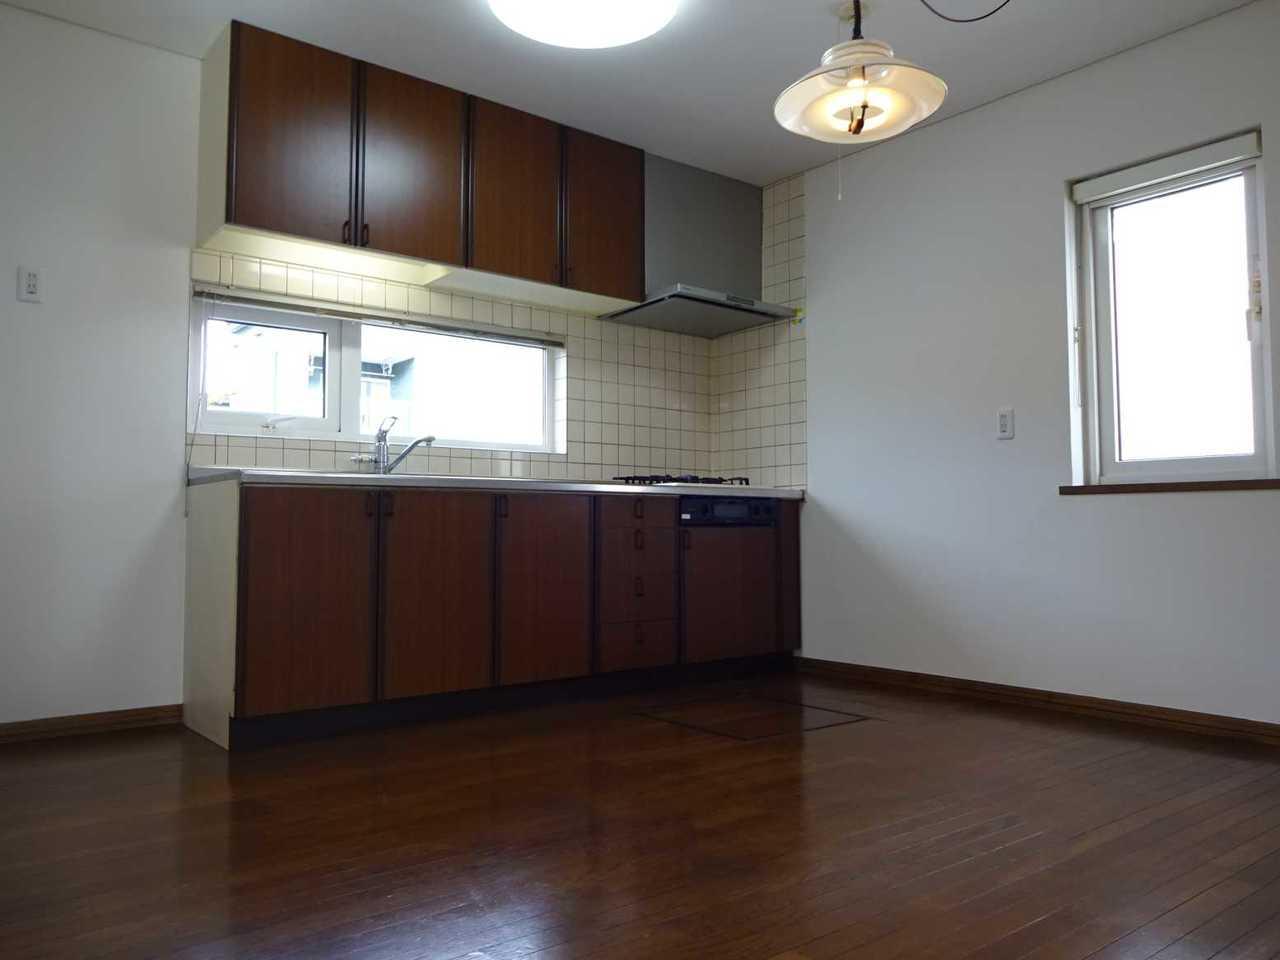 千歳市長都駅前の中古リフォーム住宅です。キッチン8帖、正面・側面に窓があります。